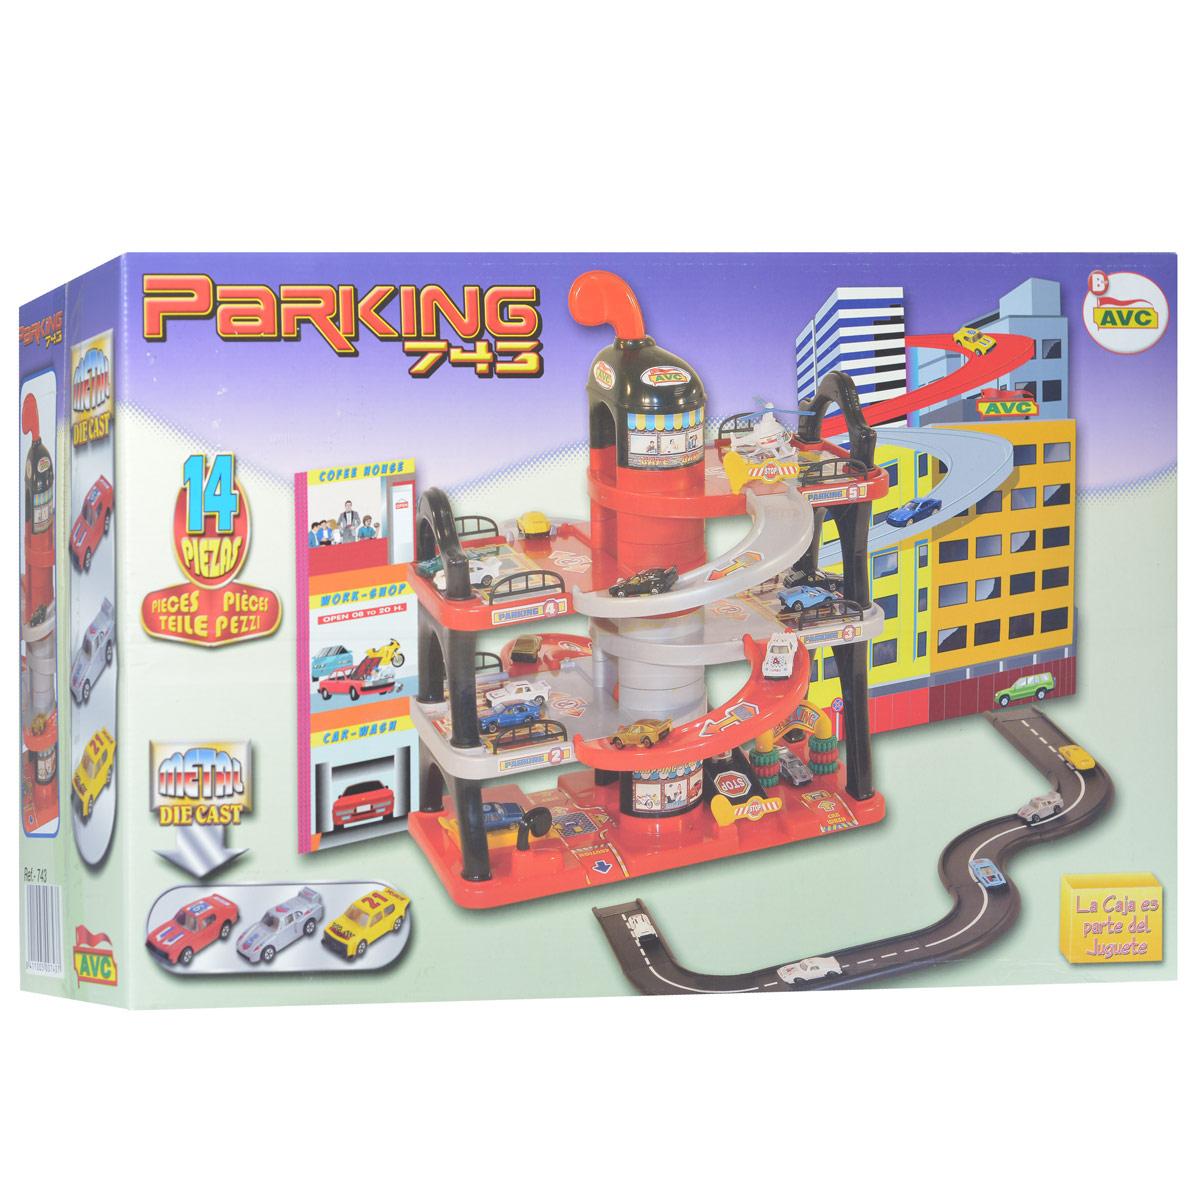 AVC Игровая парковка Parking 743 3 уровня